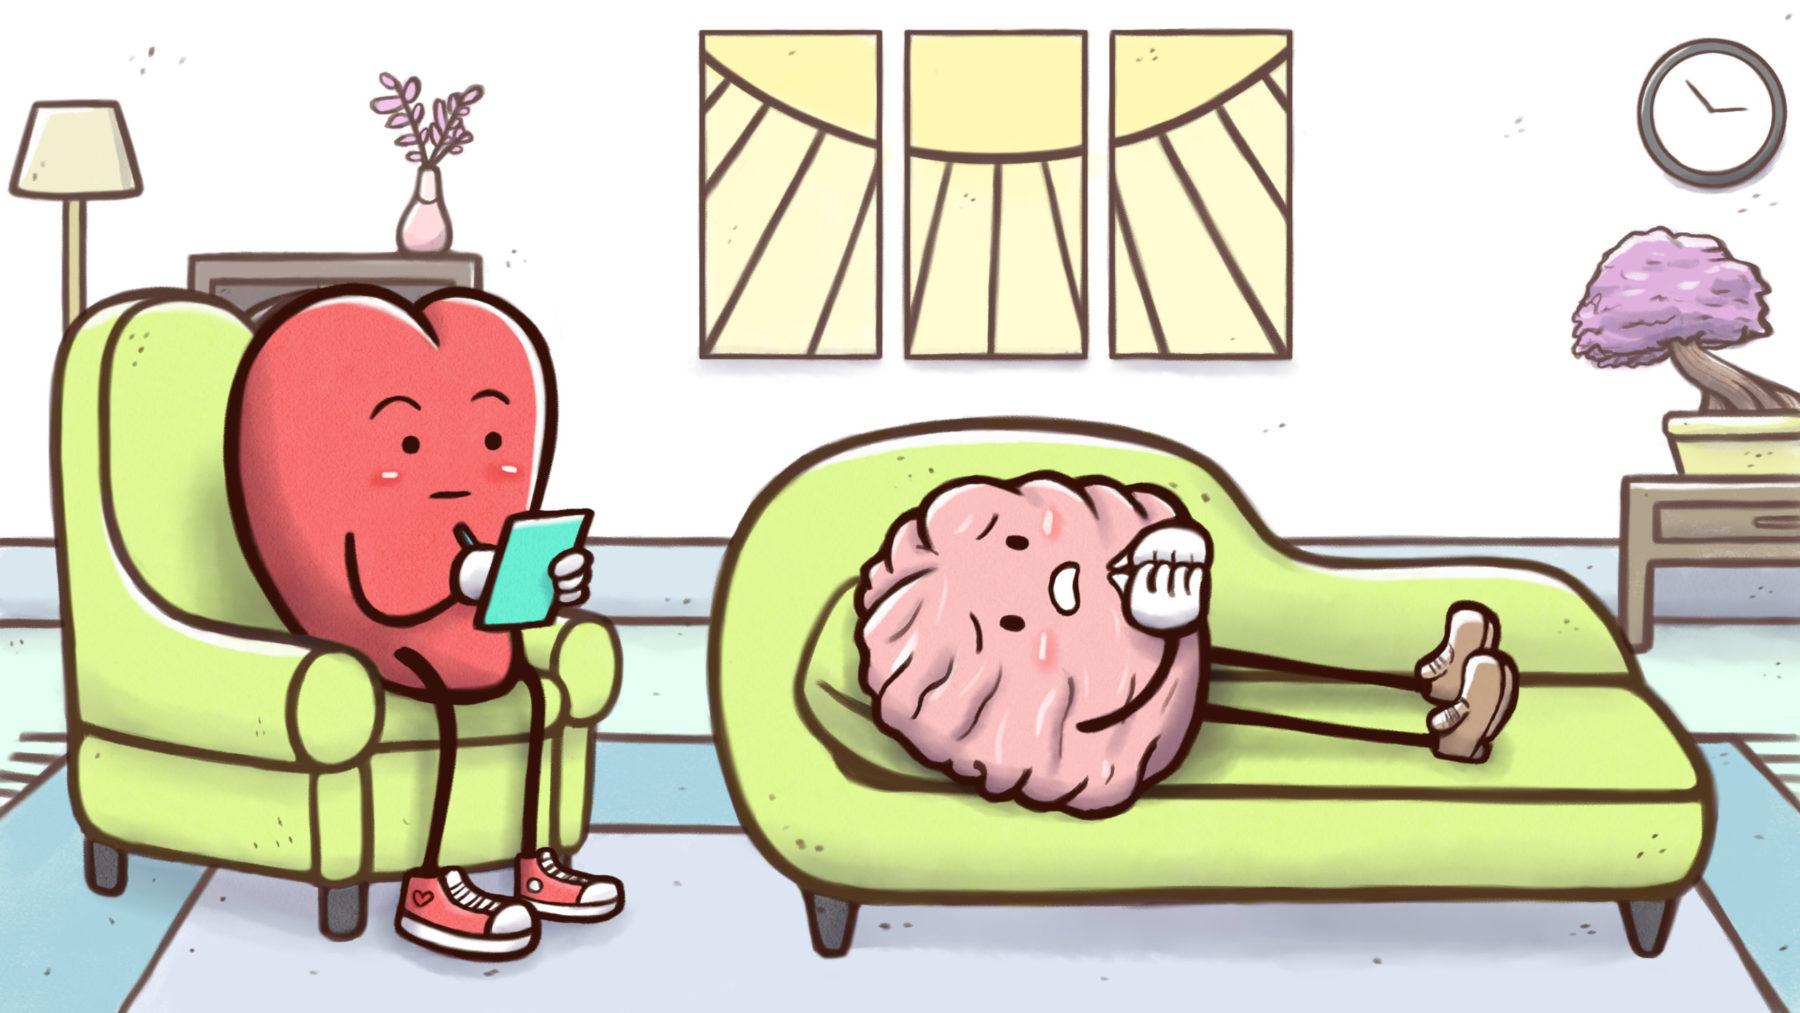 Herz-und-Verstand-erfolgreiche-veraenderung